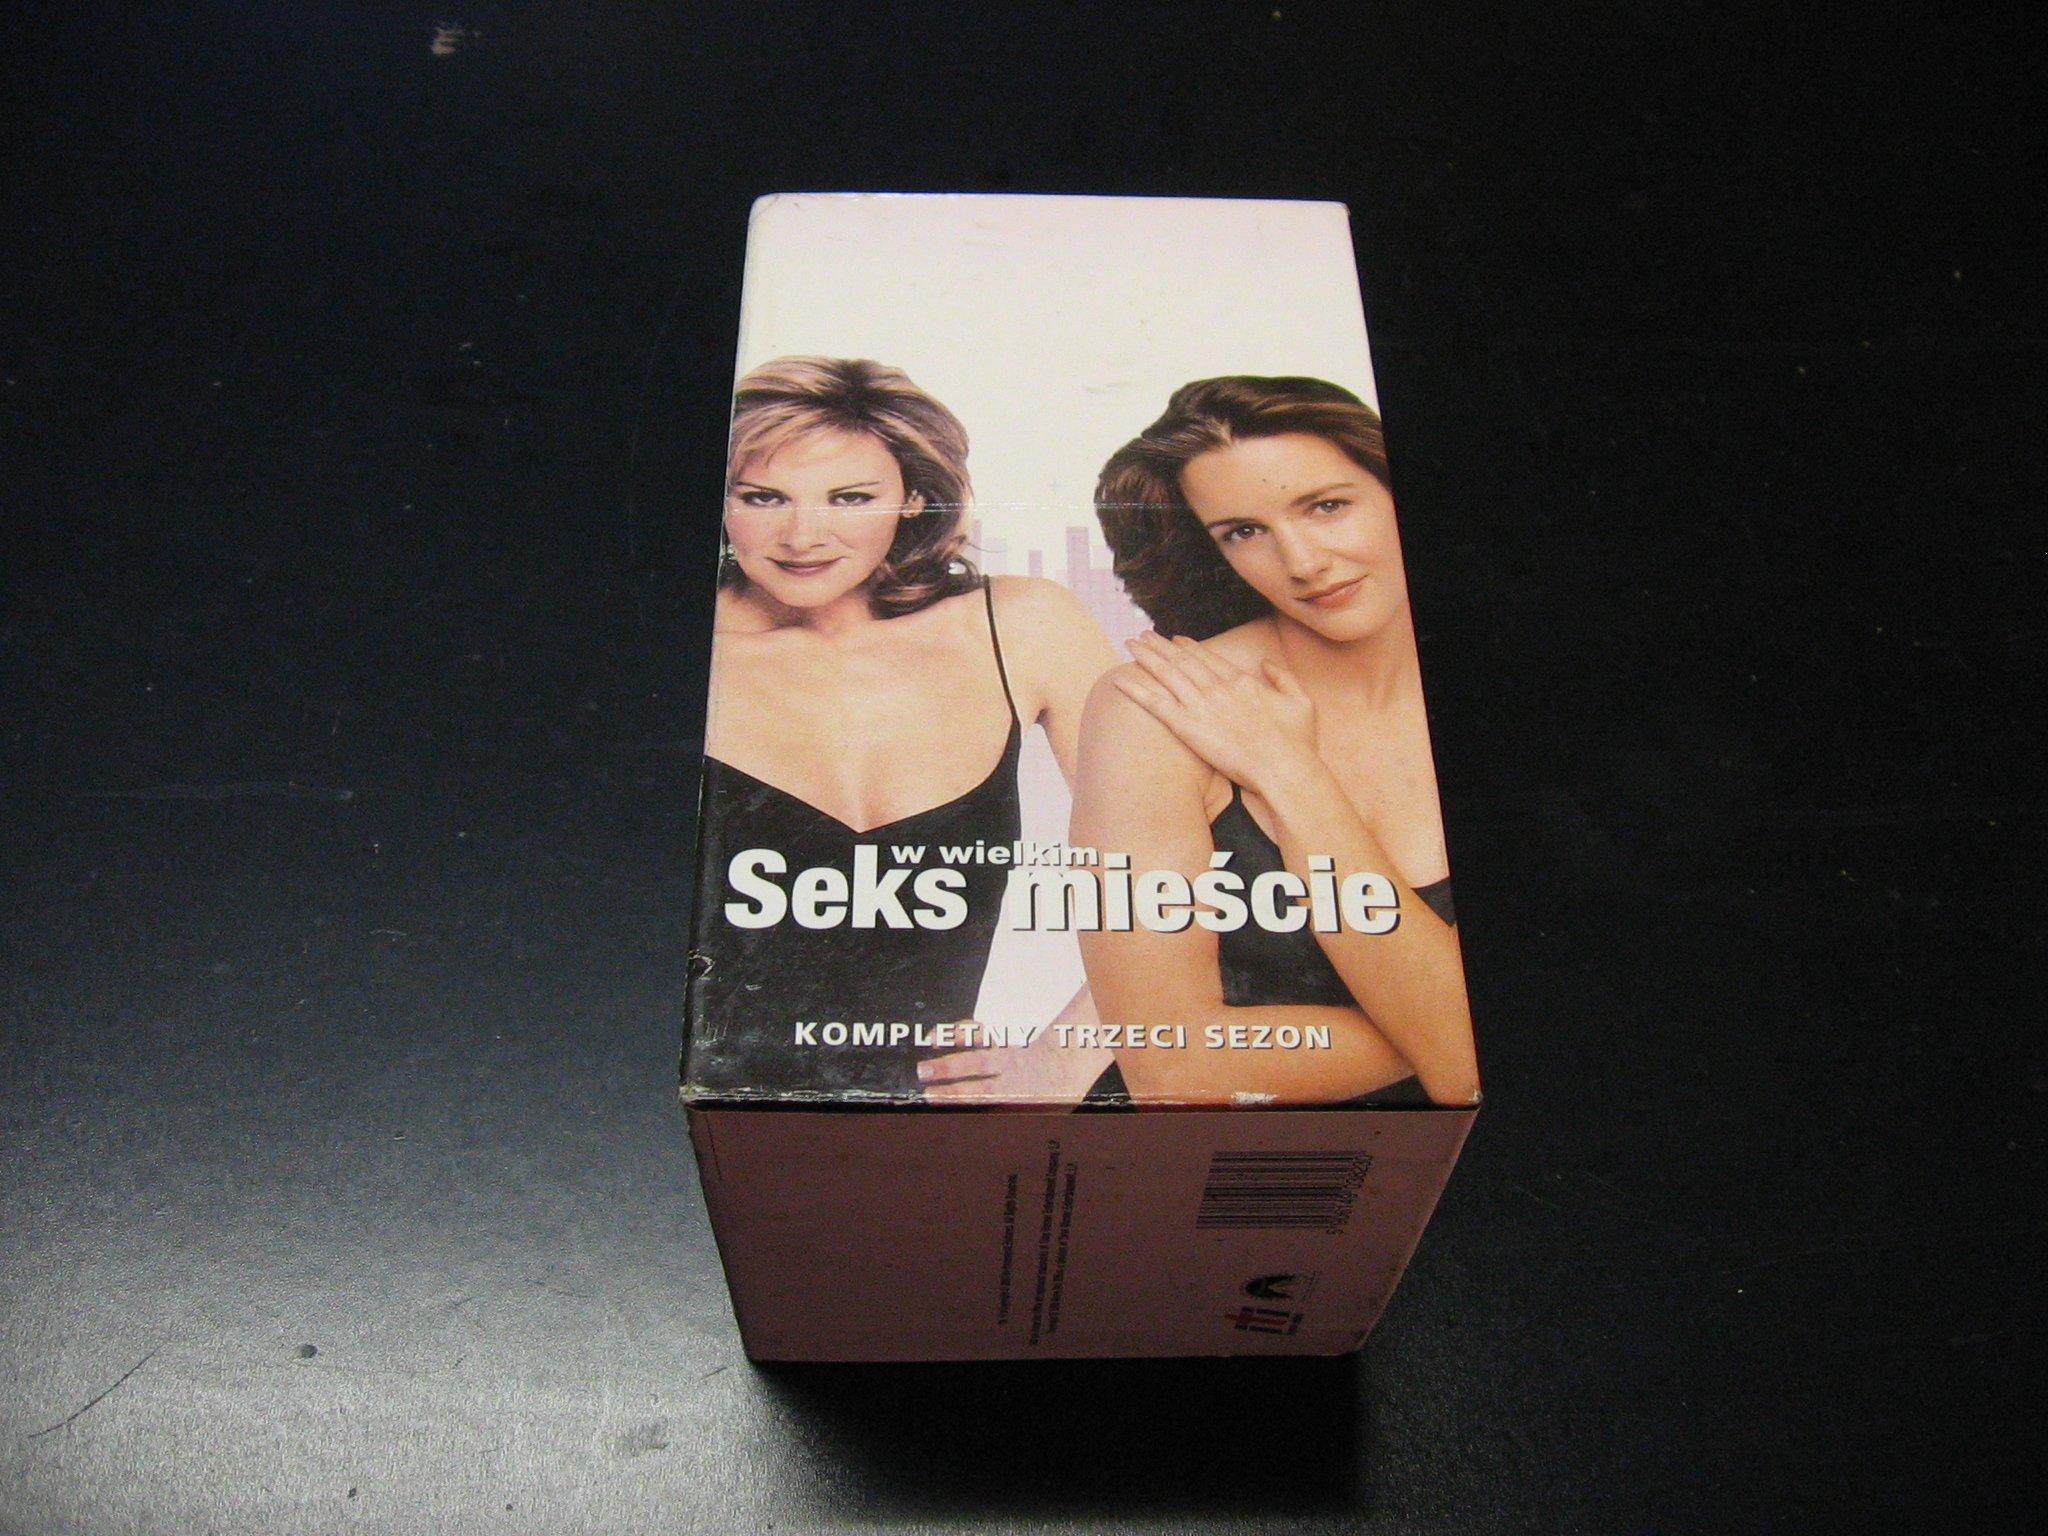 SEKS W WIELKIM MIEŚCIE - kompletny trzeci sezon 1 - 18  kaseta VHS - 0868 Opole - AlleOpole.pl